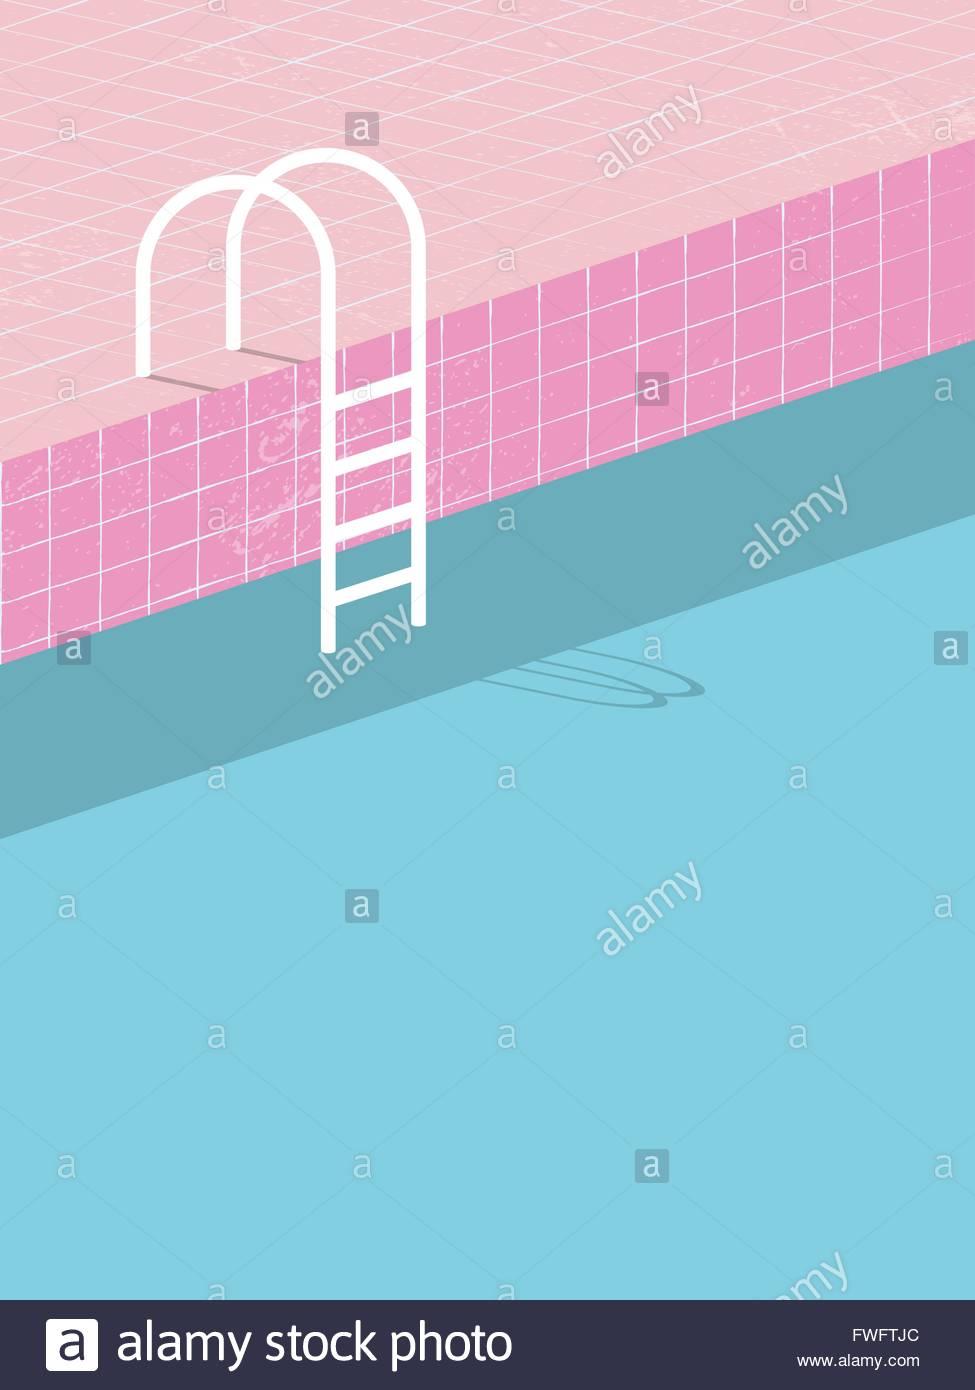 Schwimmbad Im VintageStil Alte Retro Rosa Fliesen Und Weiße Leiter - Fliesen vintage stil